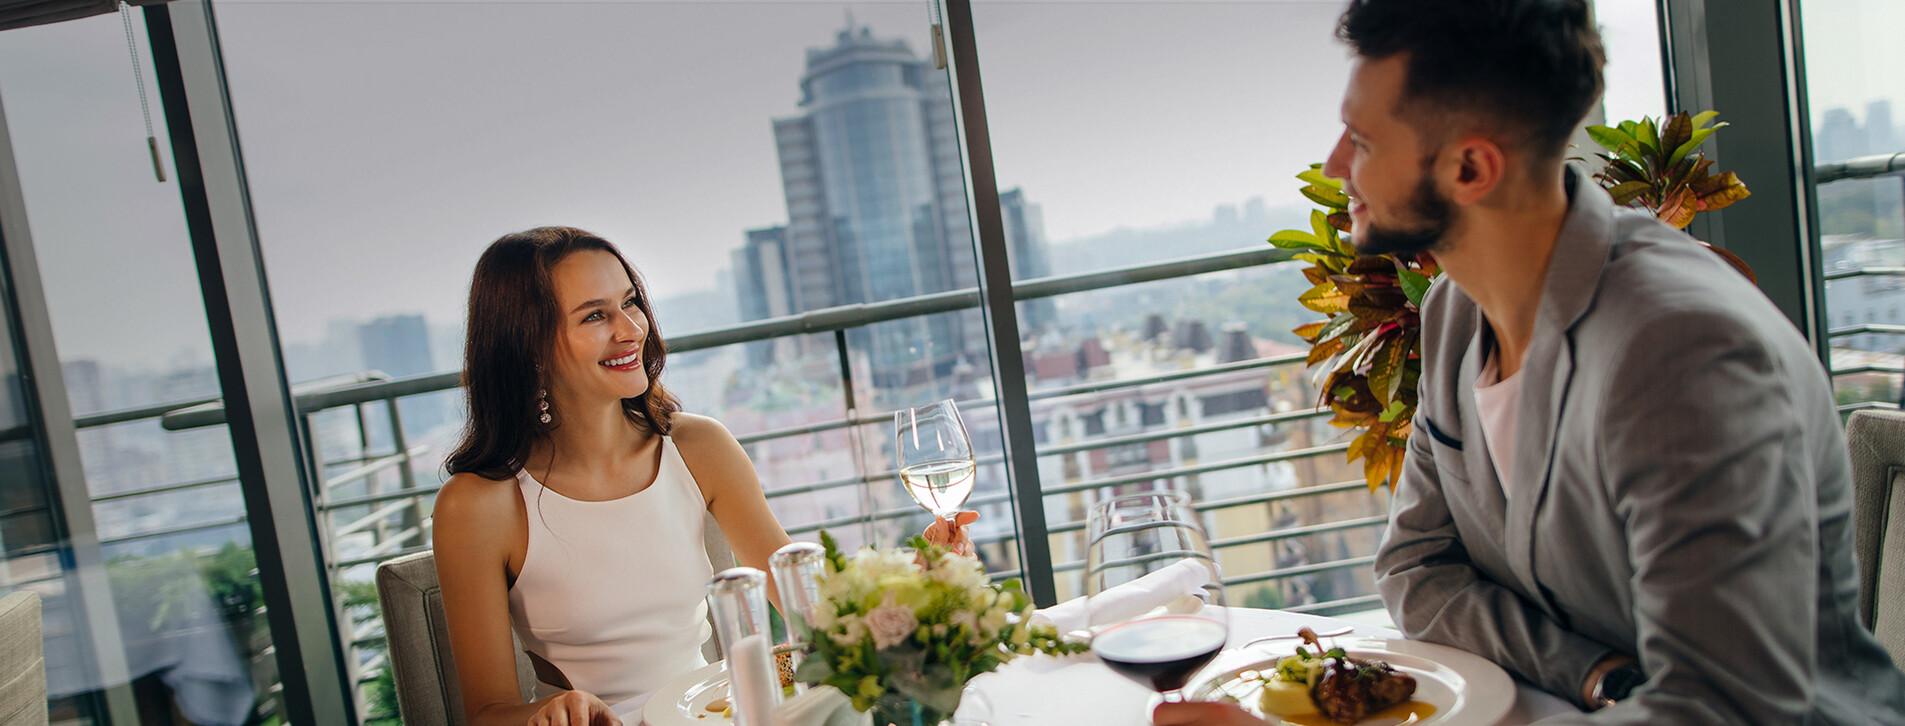 Фото - Вечеря в ресторані з панорамним видом